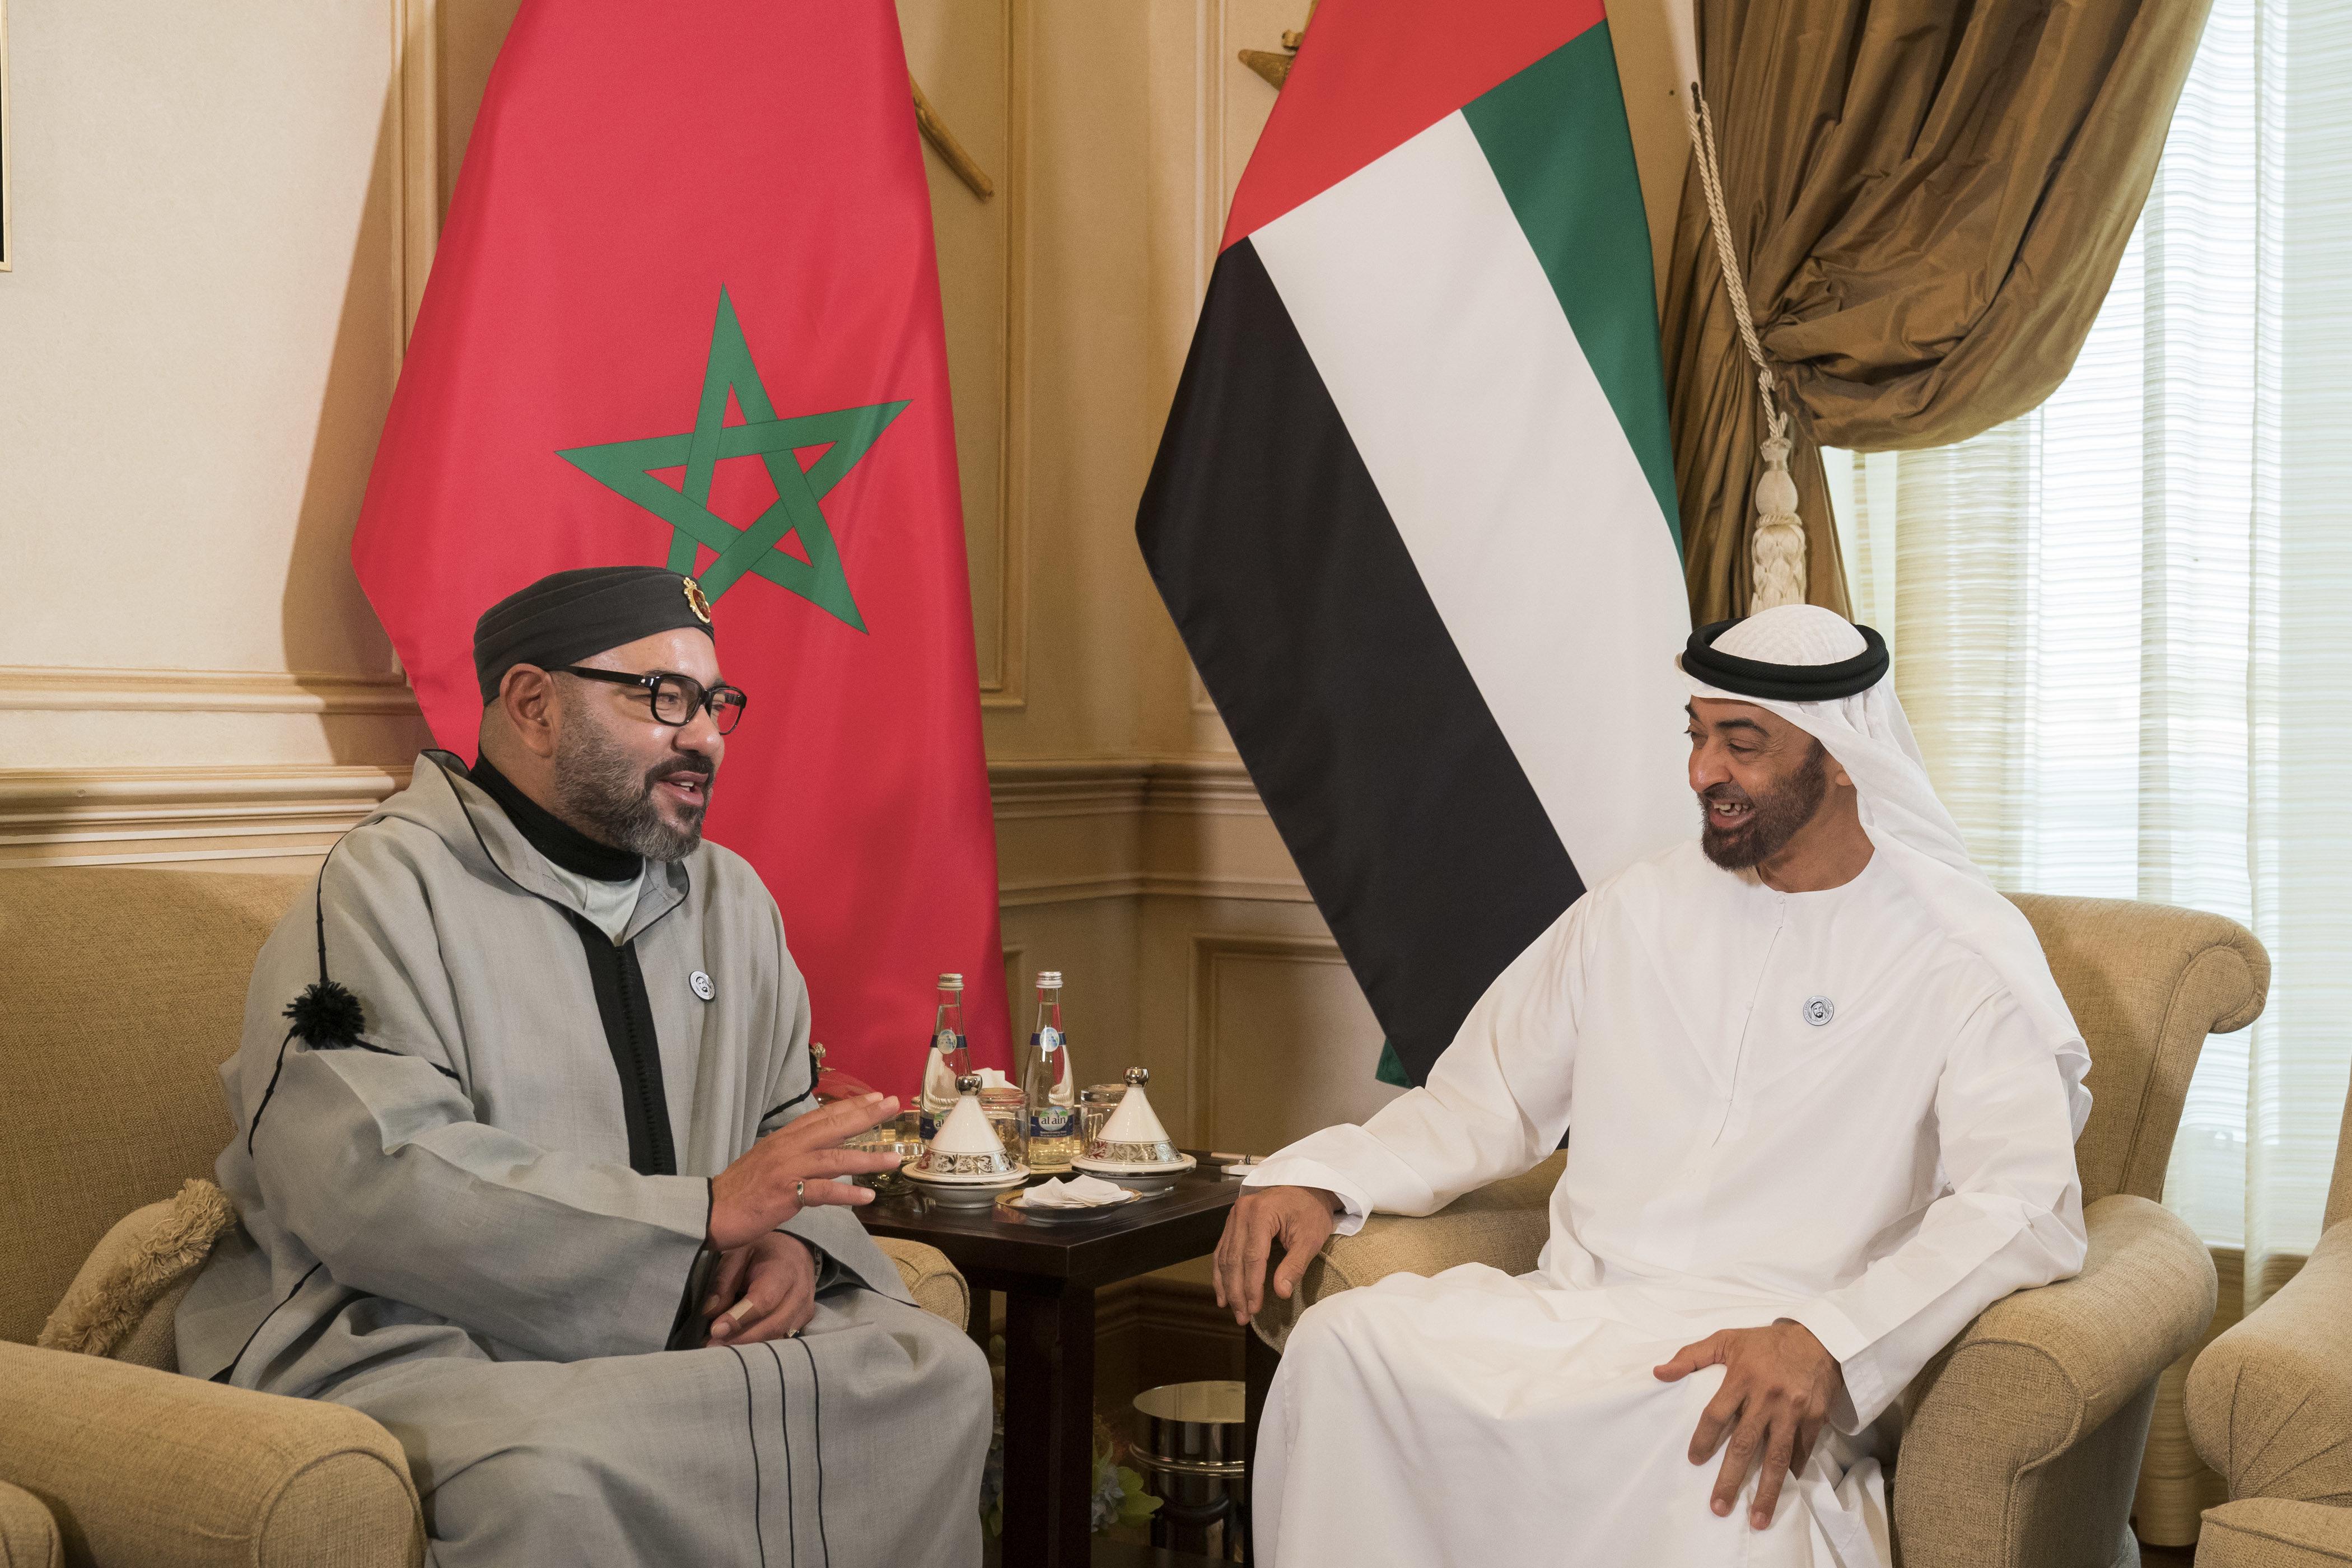 De retour aux Émirats arabes unis, le roi Mohammed VI assiste au Conseil de Cheikh Mohamed Ben Zayed...